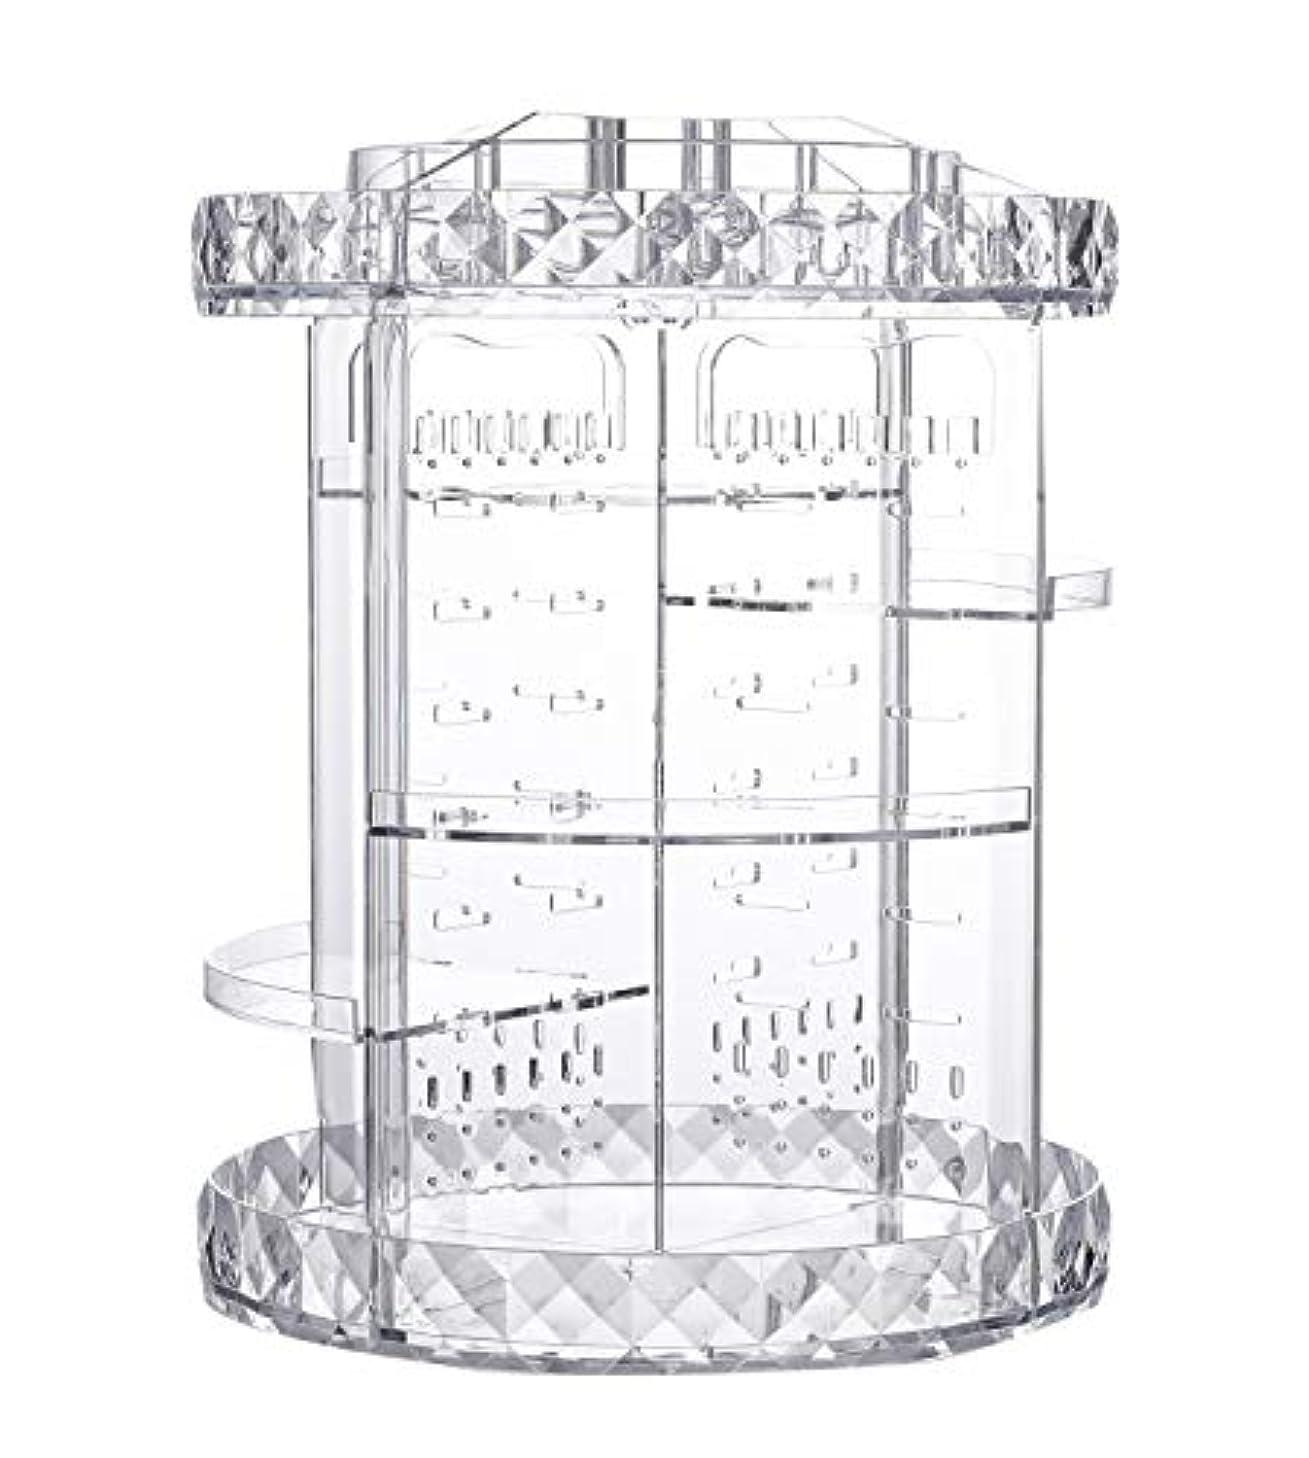 失う準拠夢化粧品収納ボックス ネックレス収納 アクセサリー収納 回転式360度 透明 メイクボックス 組み立て 調整可能